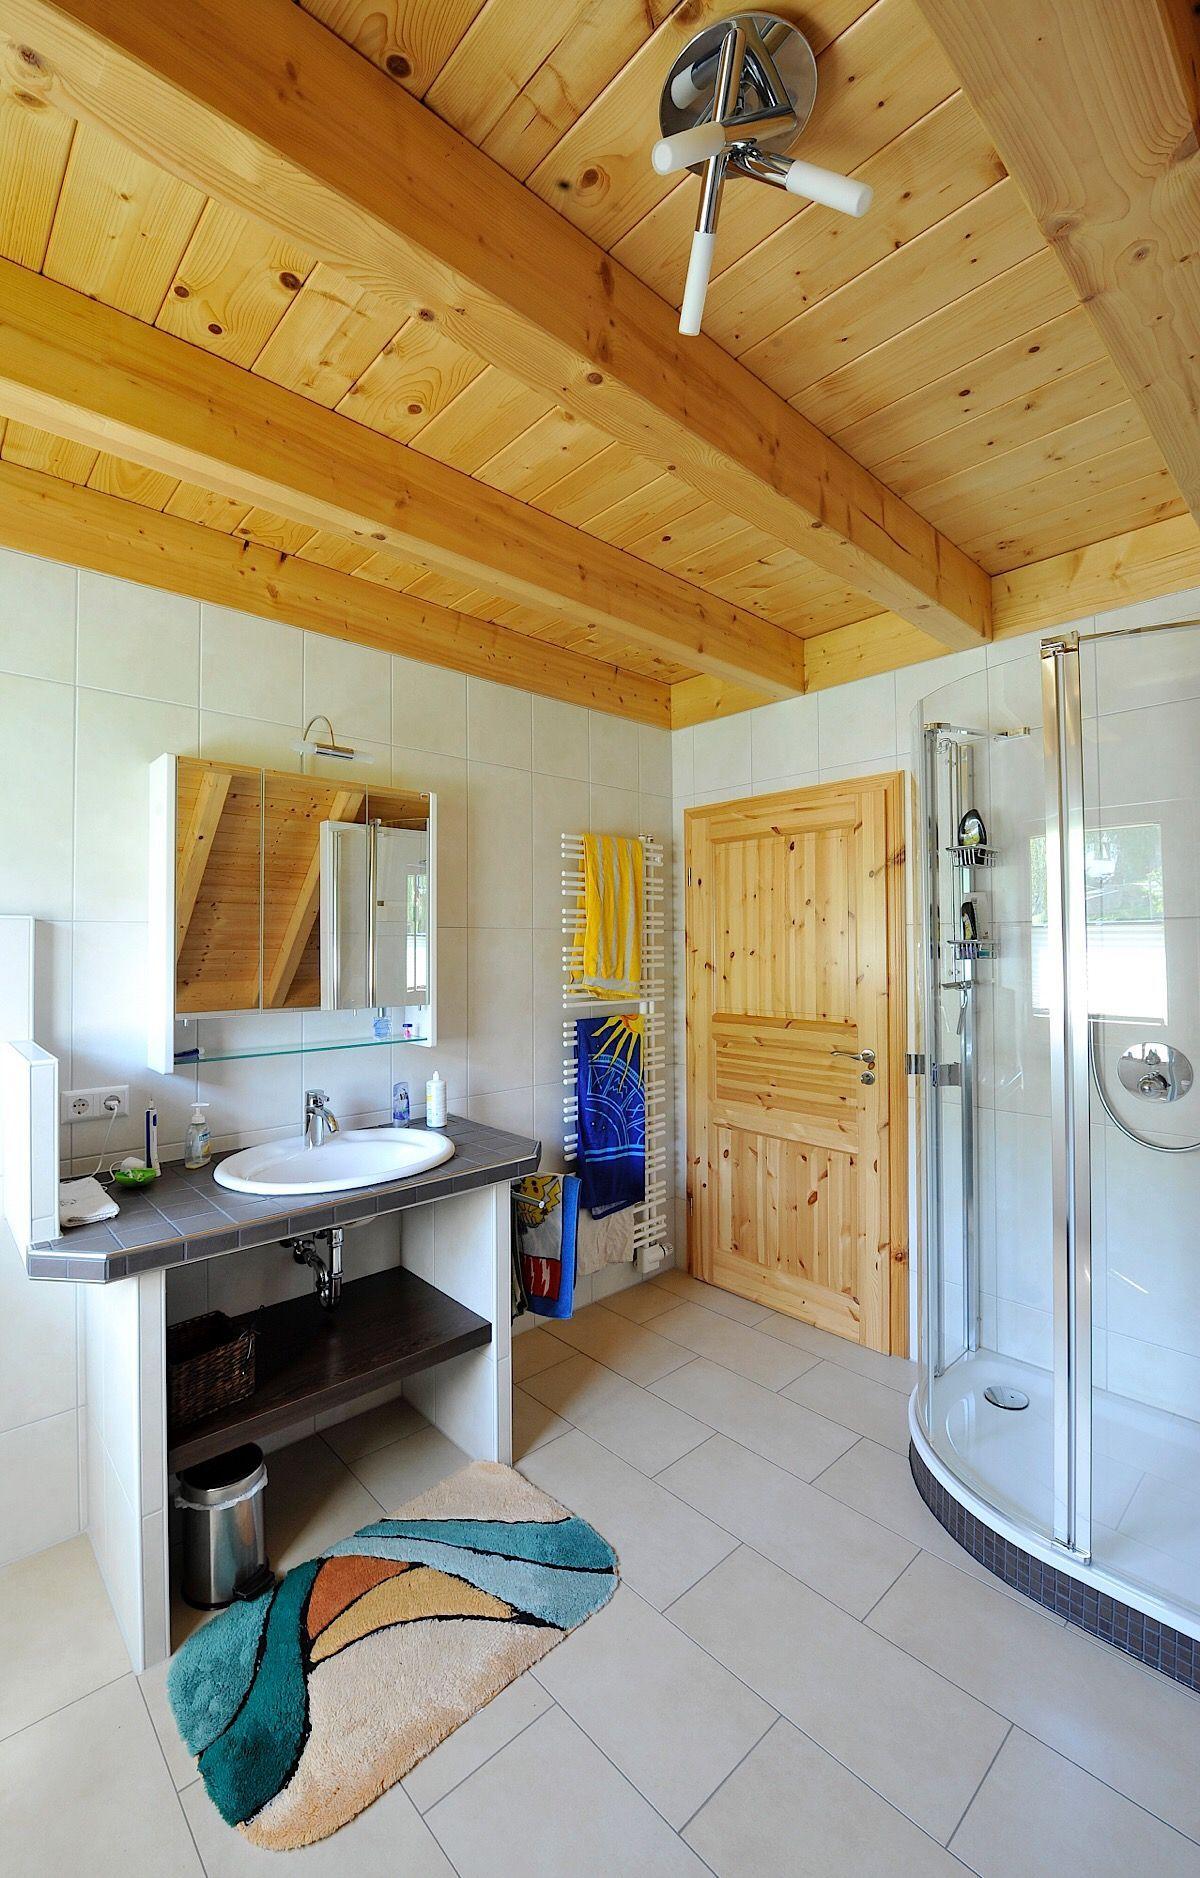 Badezimmer mit Holzbalkendecke & Waschtisch gemauert - Bad ...